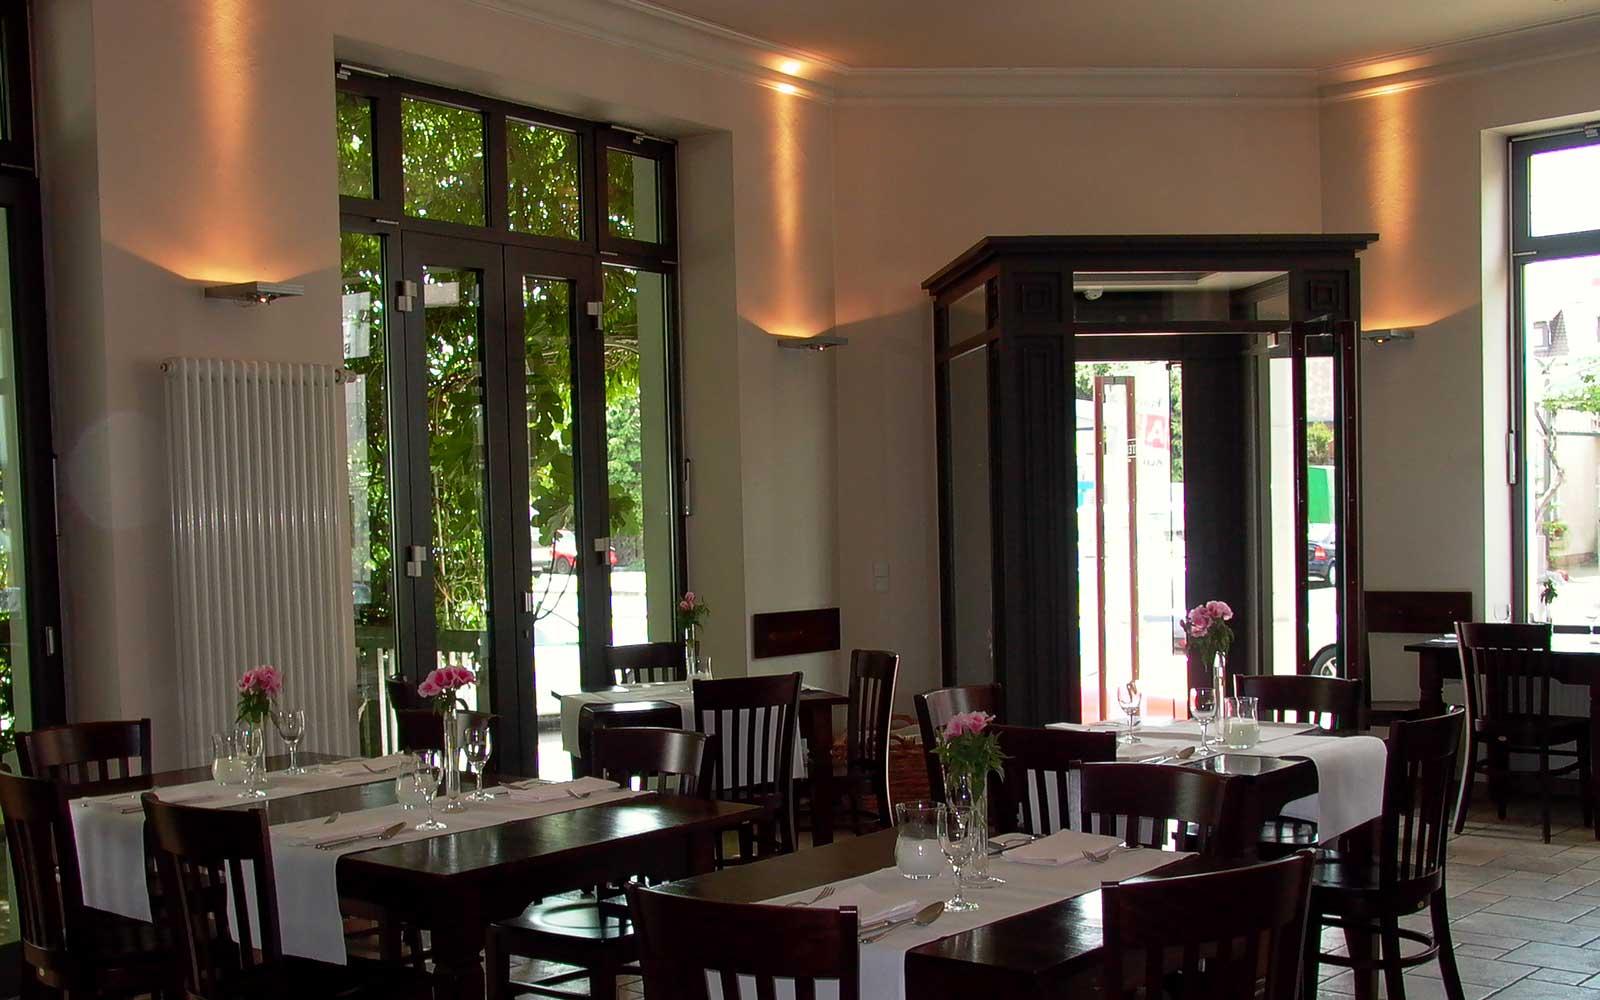 Hotel Auerstein, Kochhan und Weckbach, Architekten Heidelberg